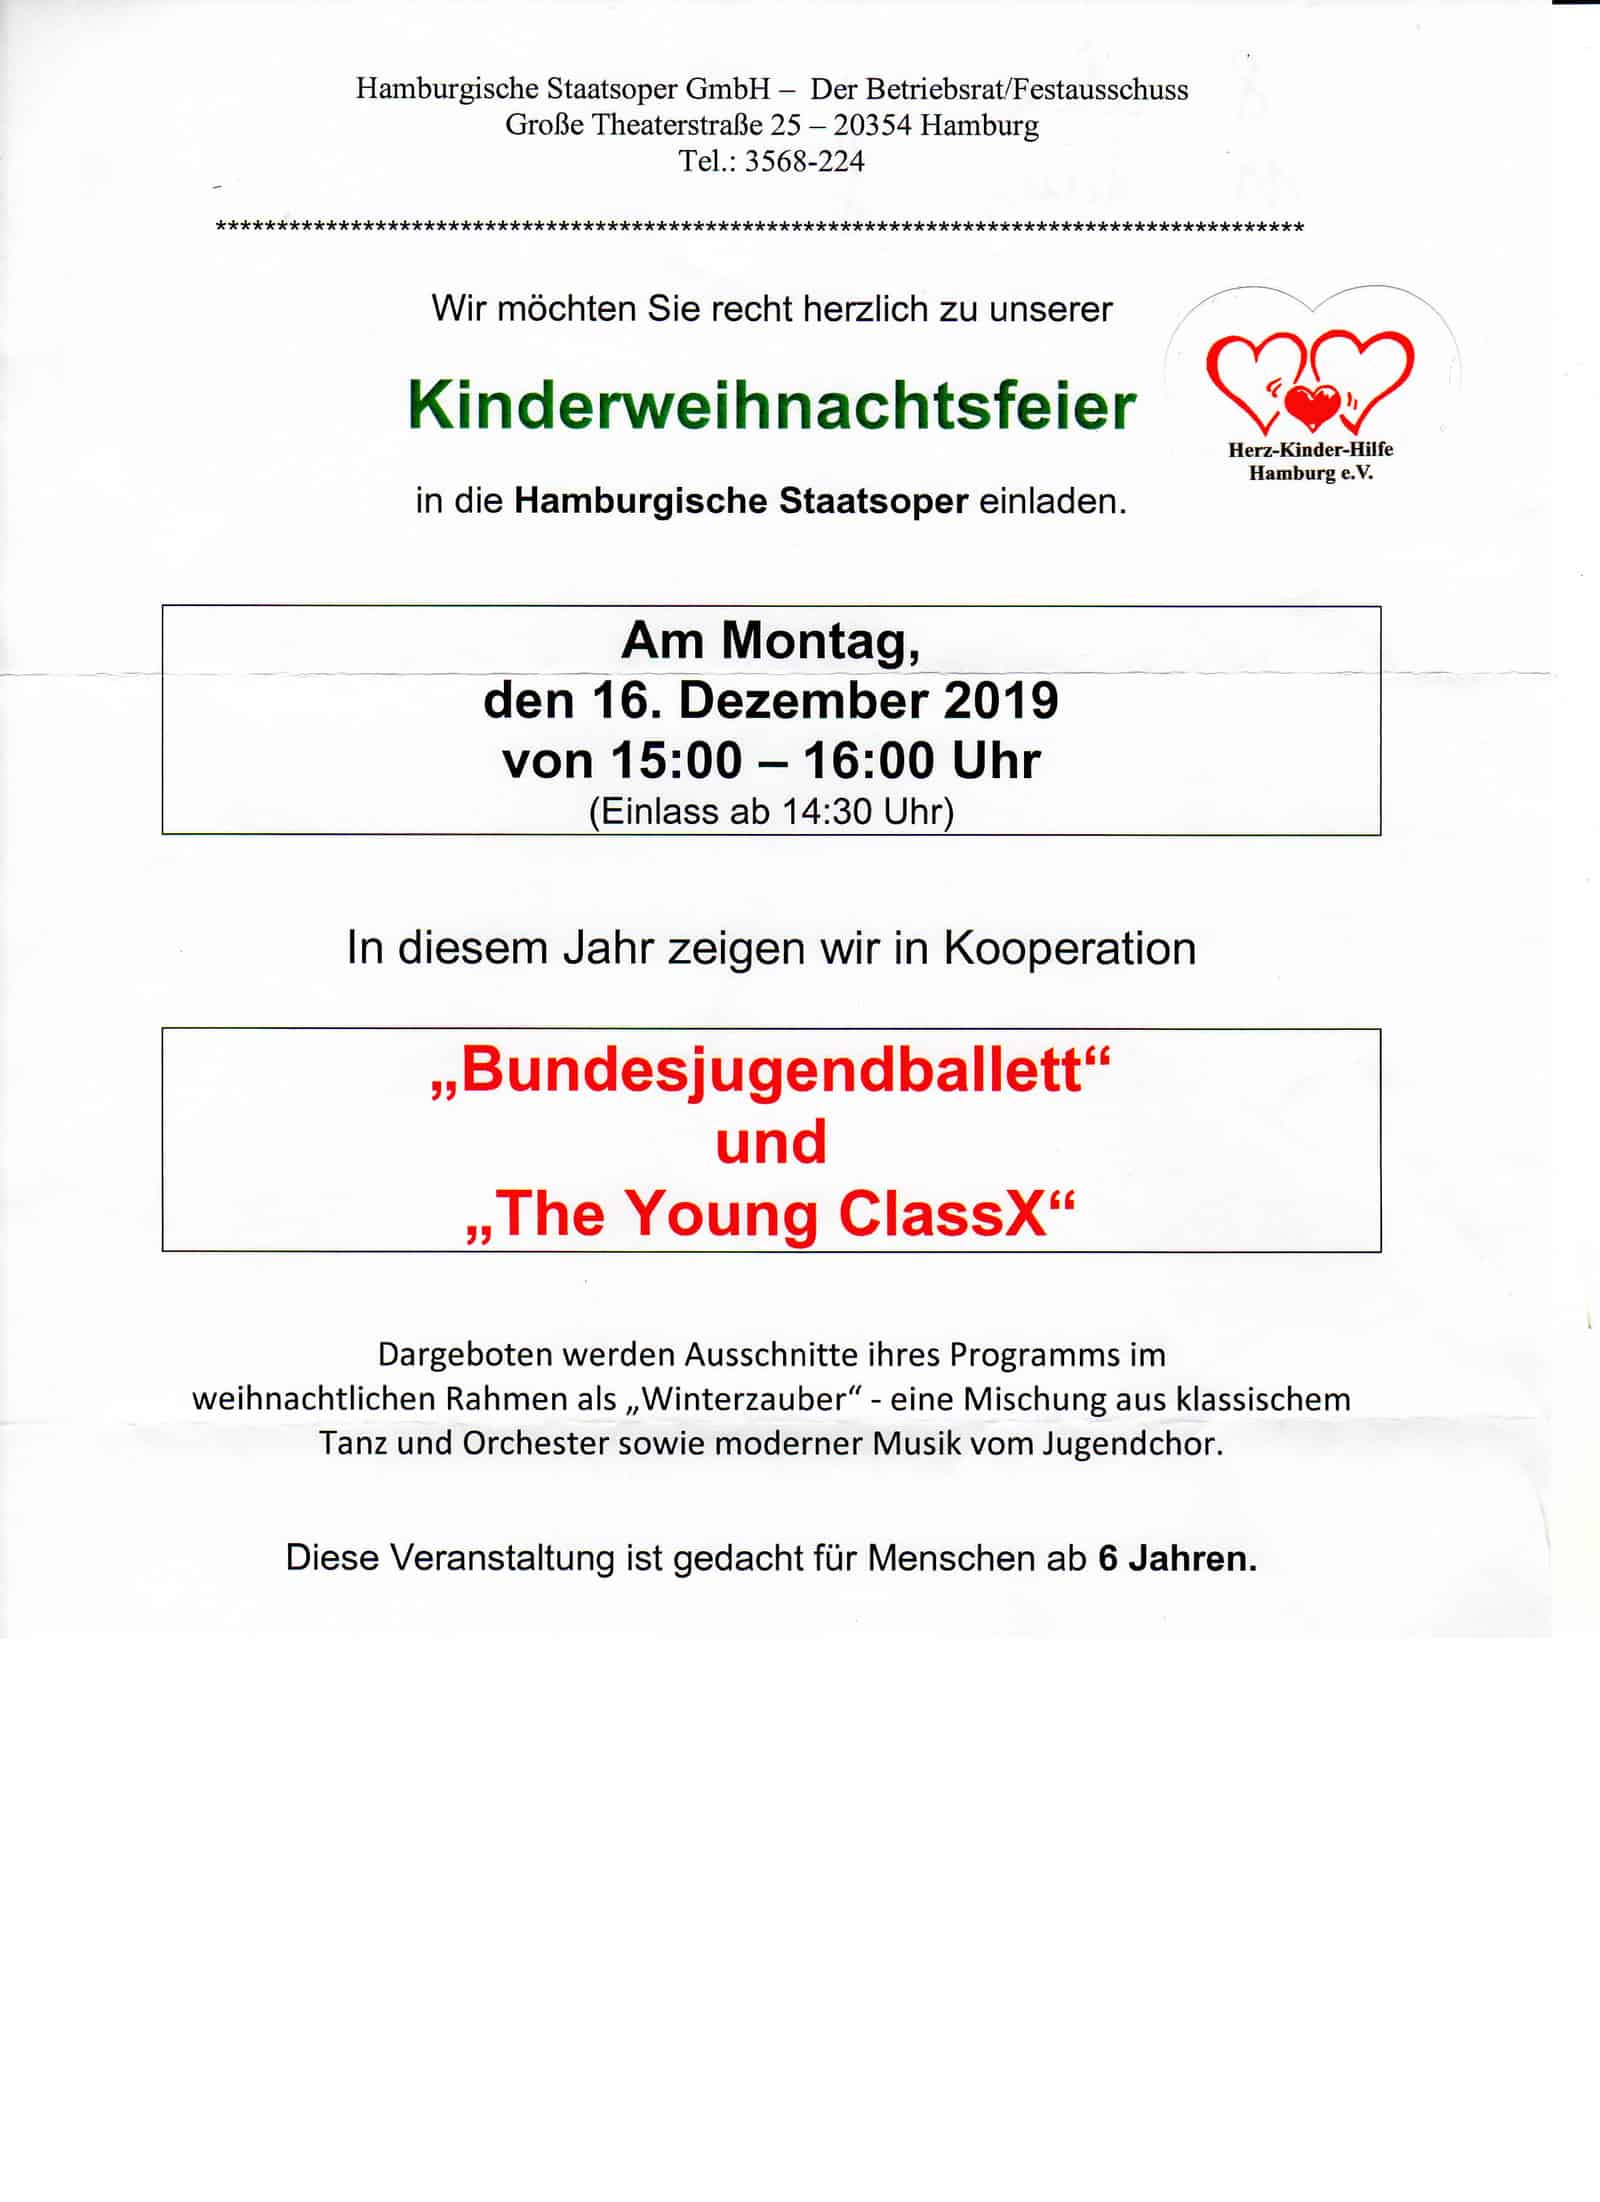 Kinder-Weihnachtsfeier in der Staatsoper 2019 - Einladung